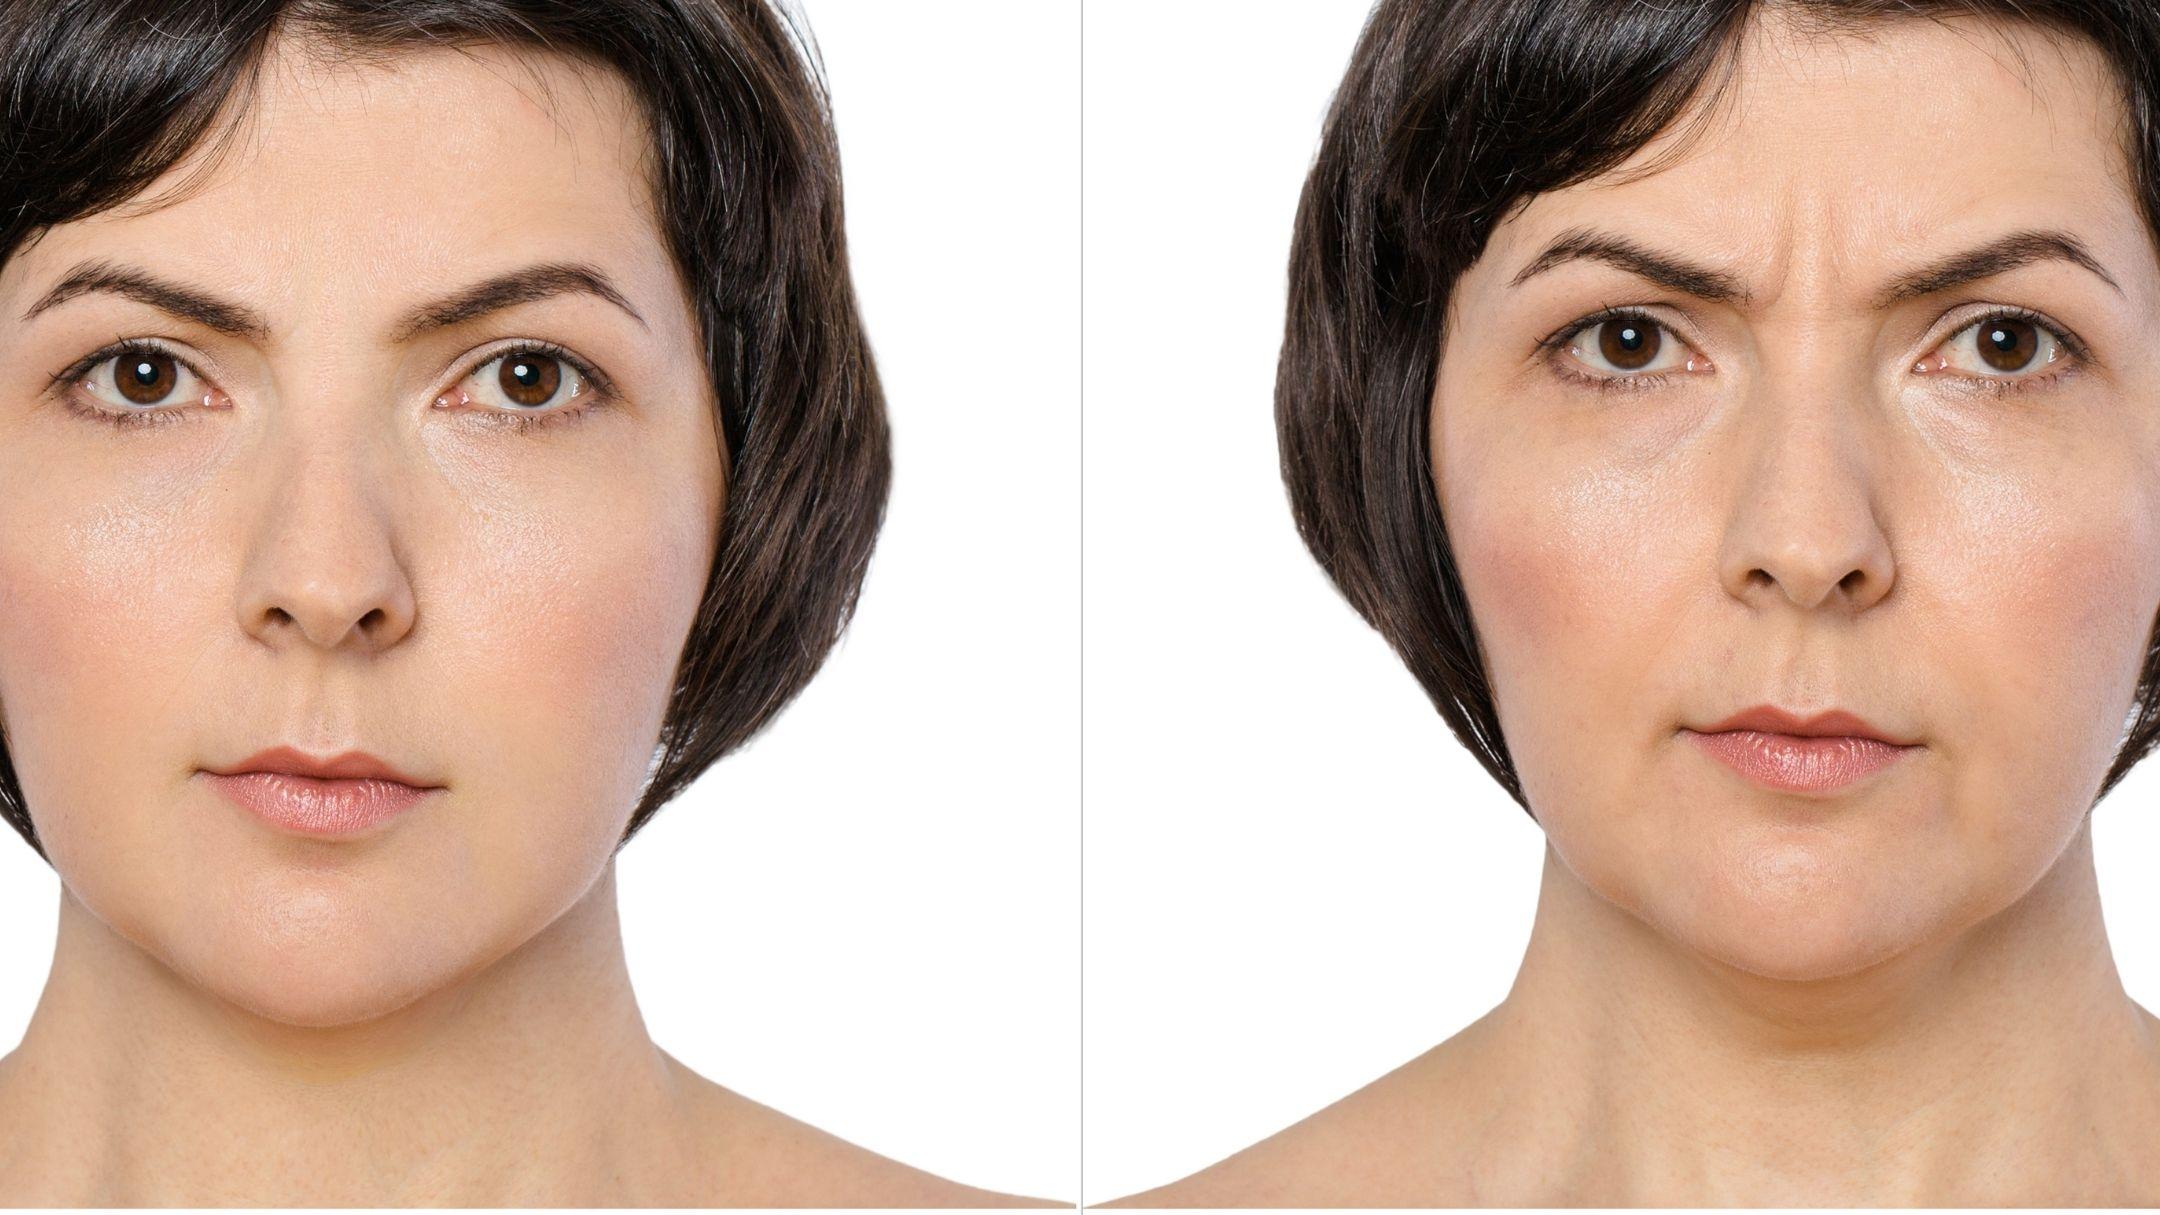 Žena před a po stárnutí pleti, vrásky